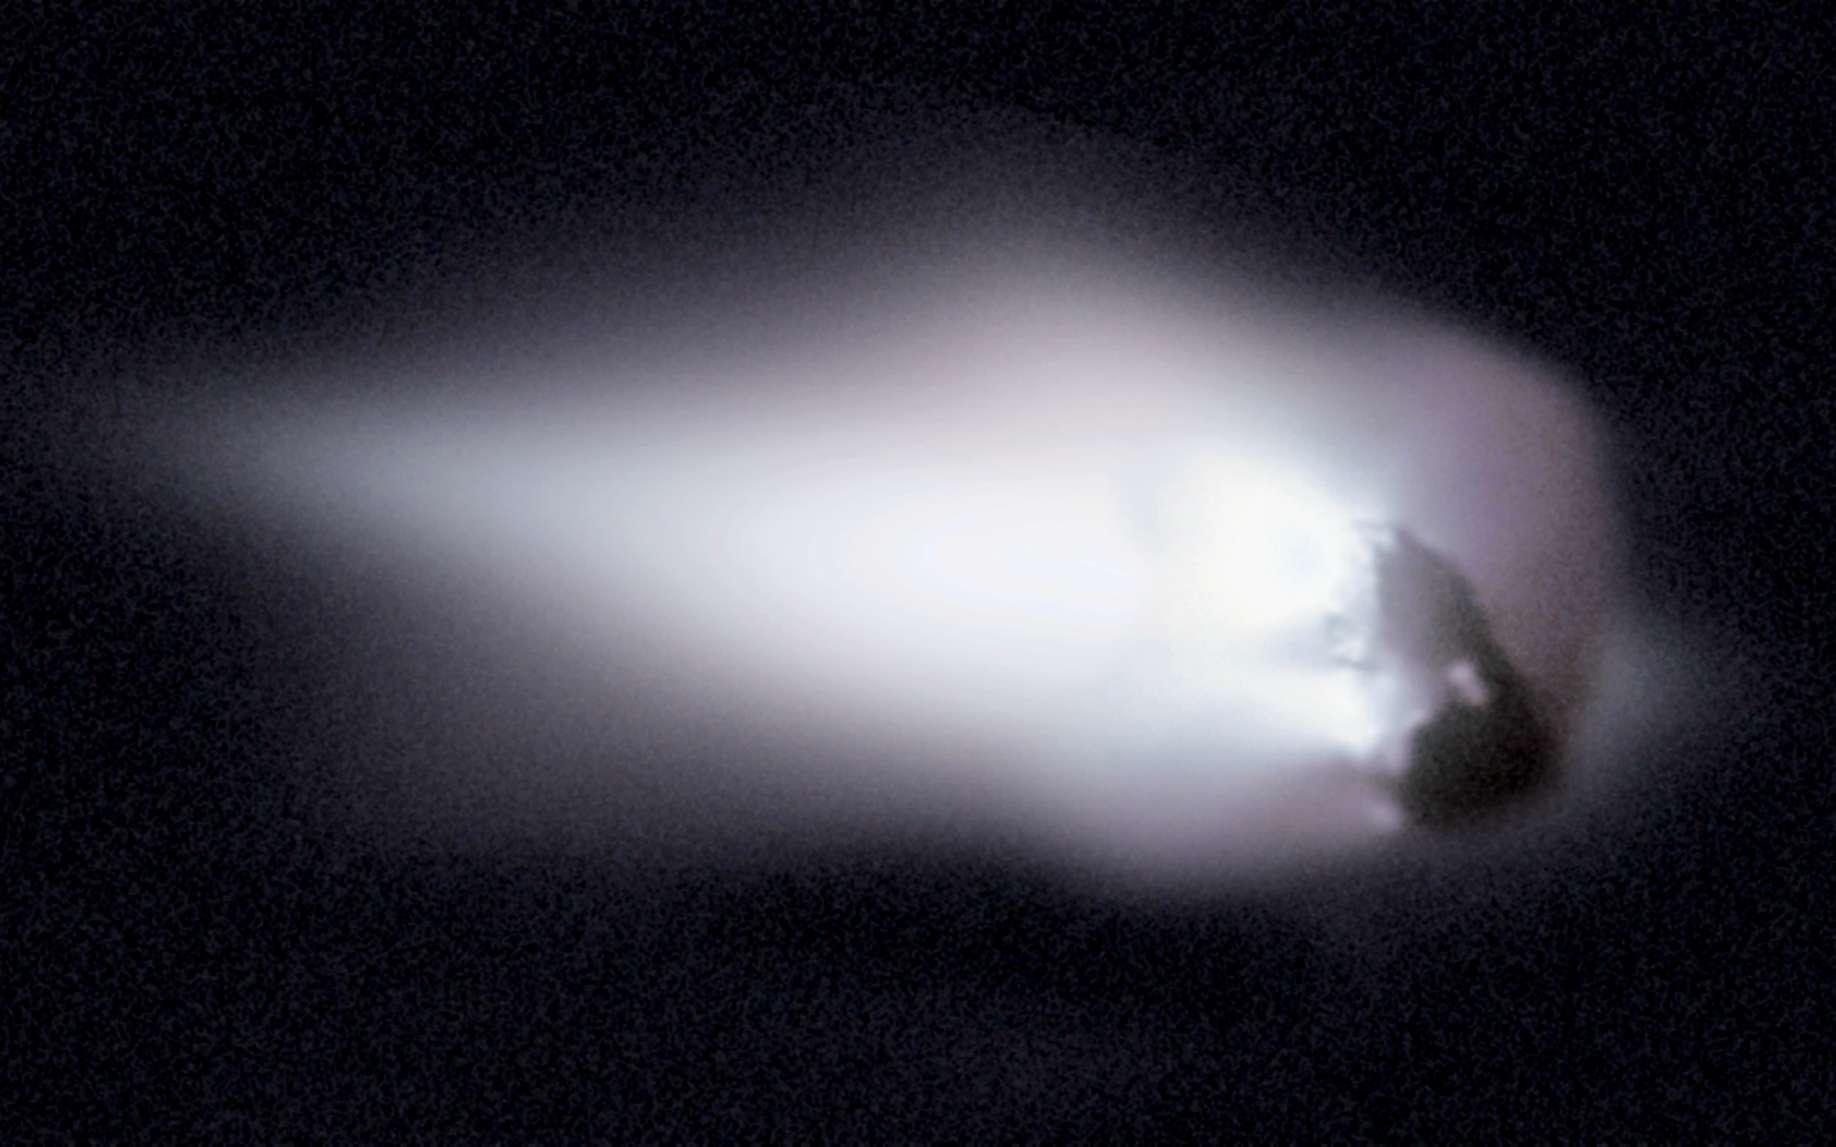 La sonde spatiale Giotto a approché la célèbre comète de Halley lors de son dernier passage près de la Terre en 1986. Composé de glace et de roches, son noyau mesure environ 15 kilomètres de long. Les poussières que la comète laisse dans son sillage produisent chaque année les essaims météoritiques des êta-Aquarides (avril-mai) et des Orionides (en octobre). © Halley Multicolor Camera Team, Giotto Project, Esa